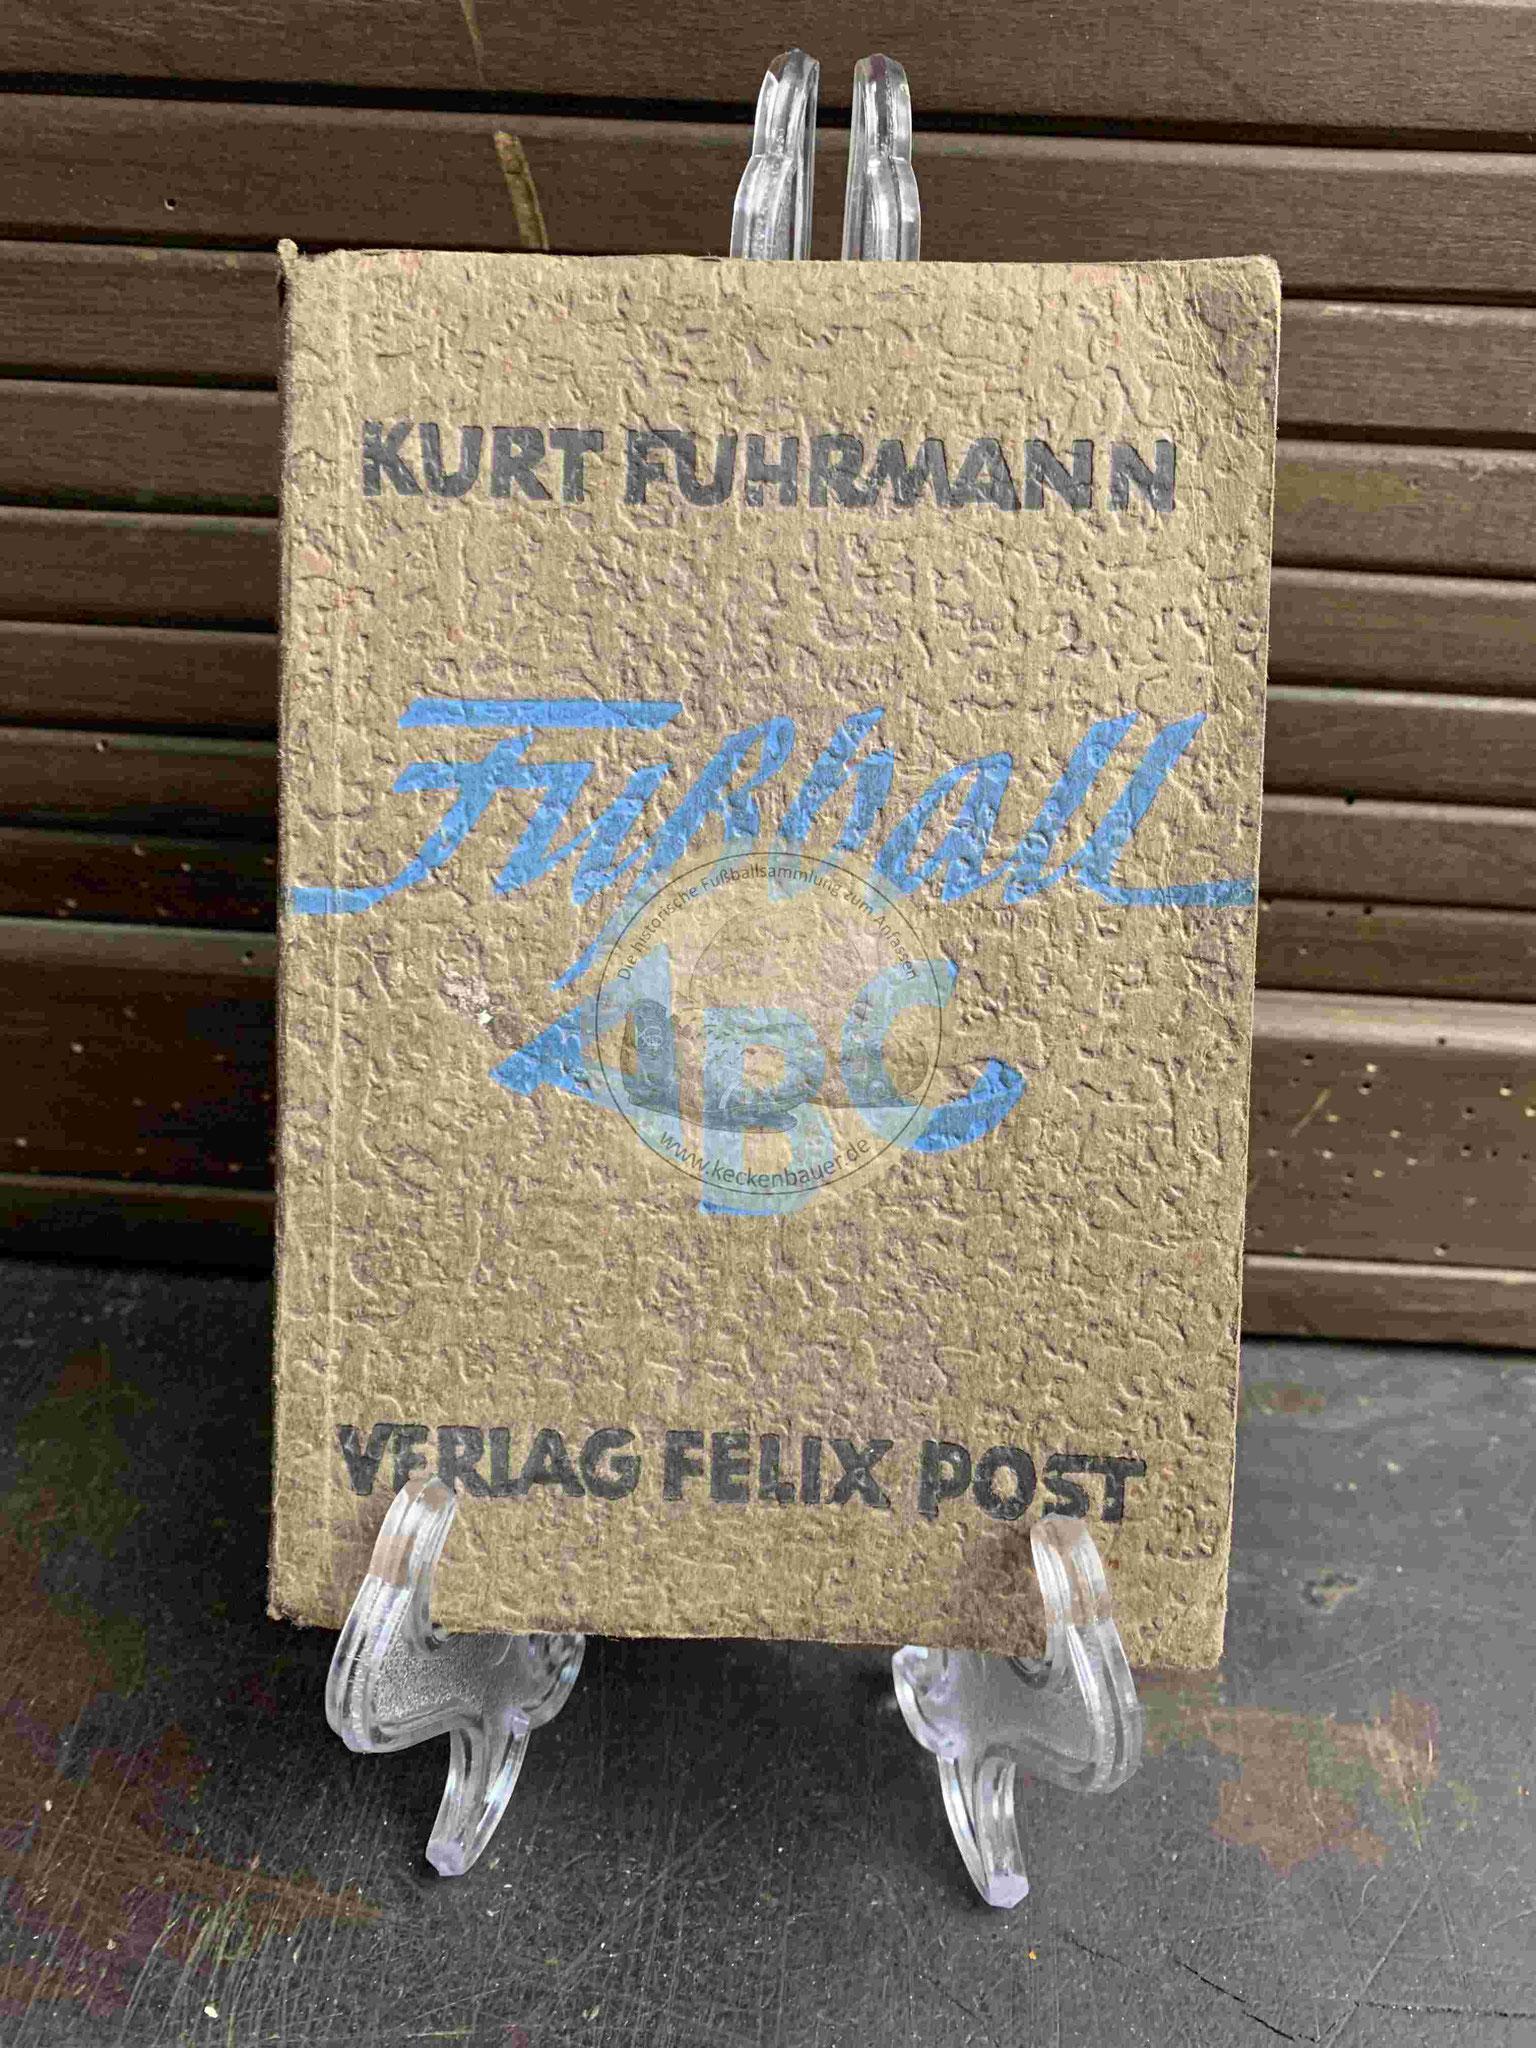 Kurt Fuhrmann Fußball ABC im Verlag Felix Post aus dem Jahr 1947